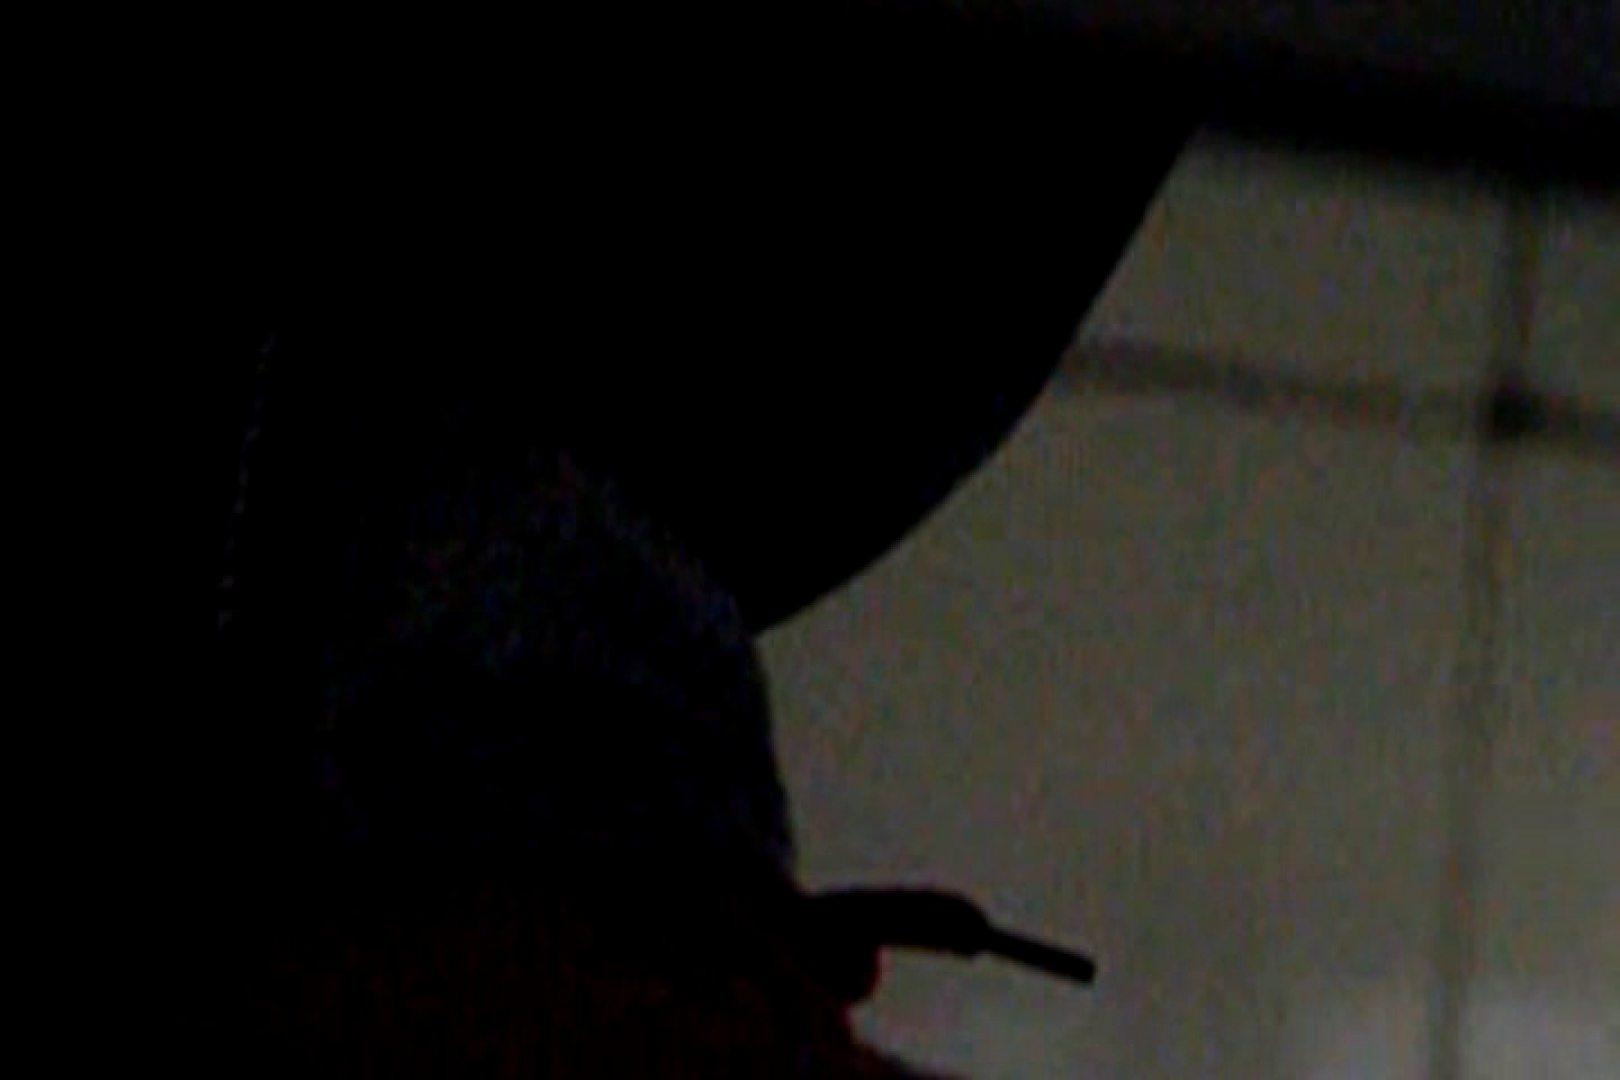 ぼっとん洗面所スペシャルVol.5 洗面所 盗み撮りAV無料動画キャプチャ 88PICs 44